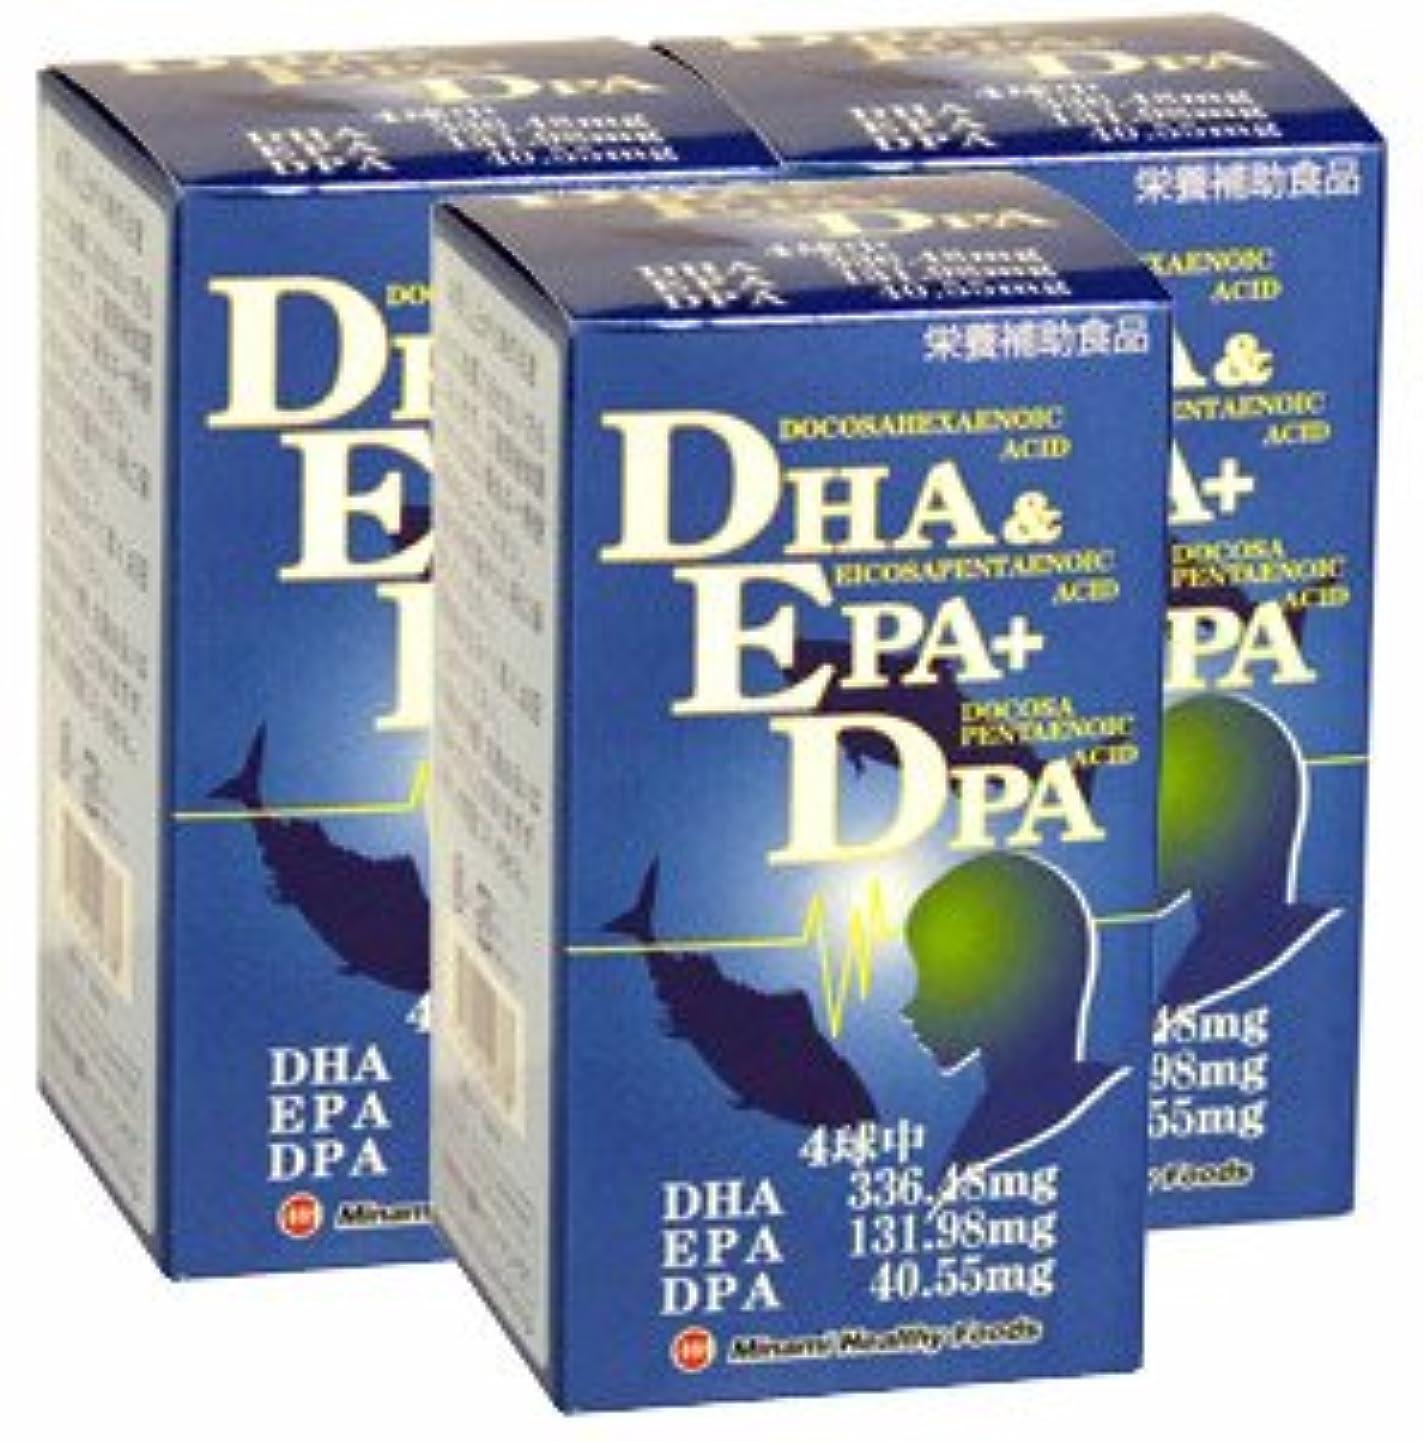 無礼に解決するくしゃくしゃDHA&EPA+DPA【3本セット】ミナミヘルシーフーズ